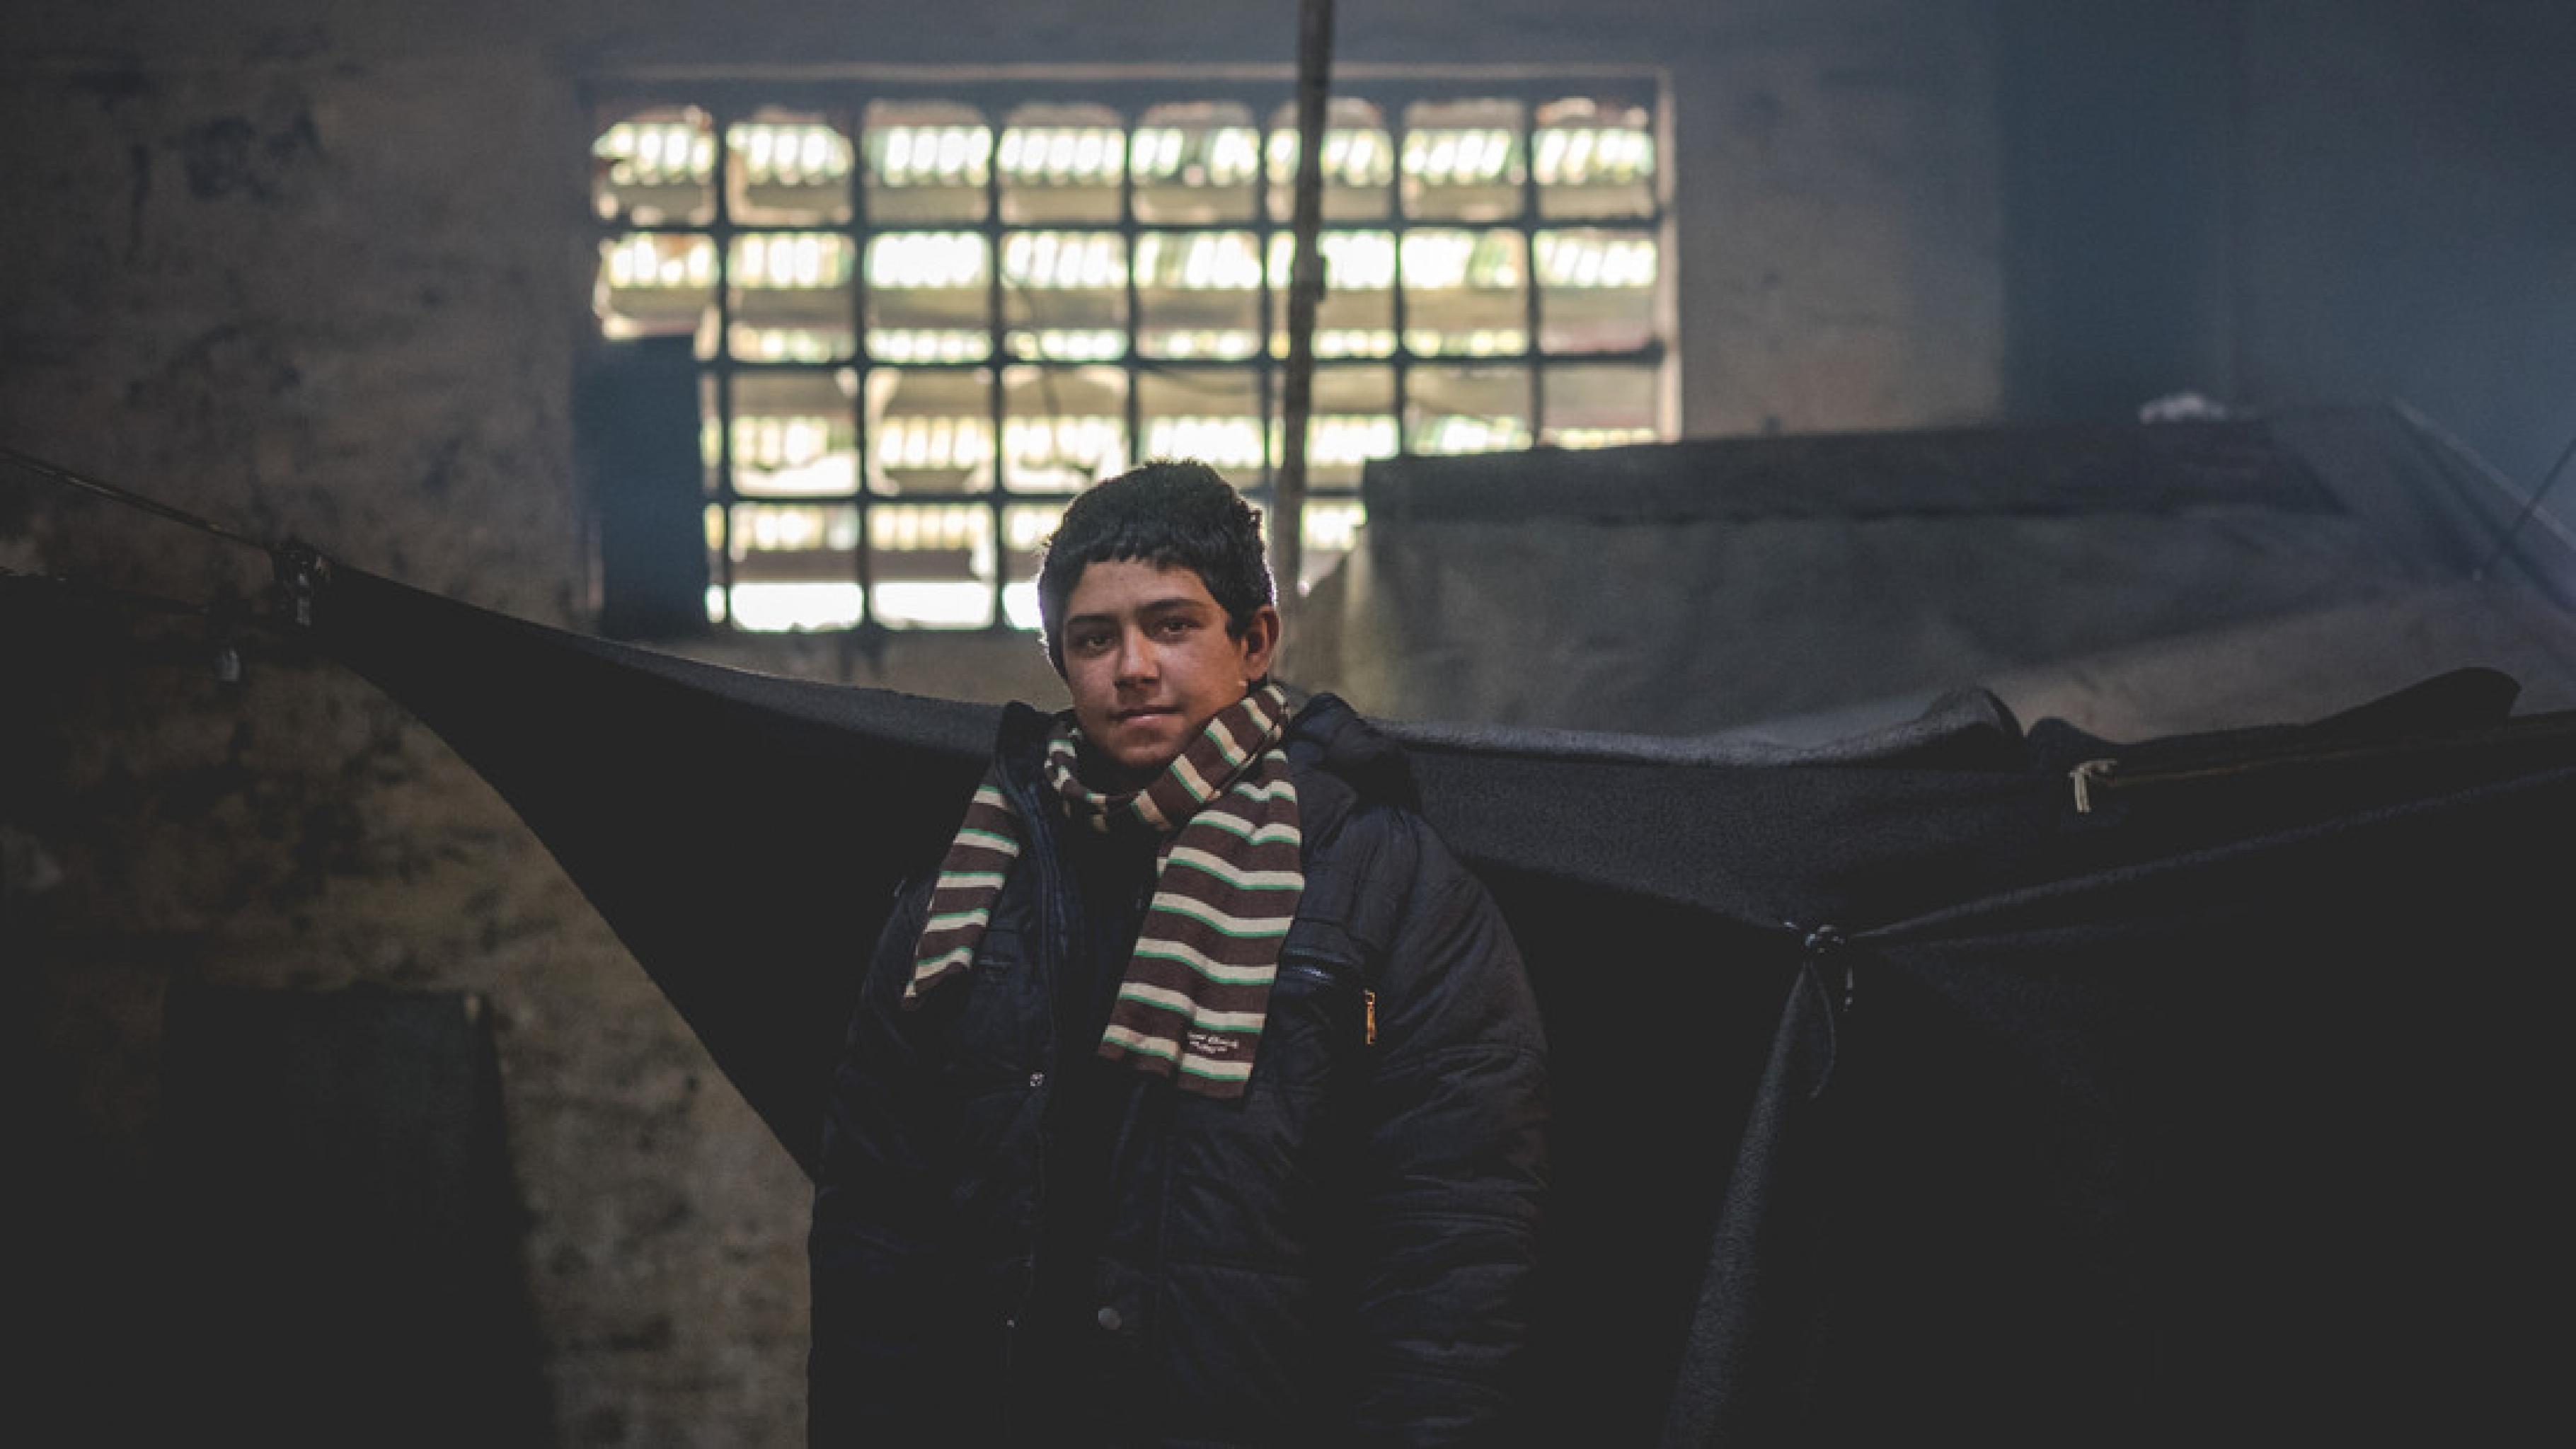 Bericht Balkan-Routen: Menschen mussten sich grausamer Behandlung stellen